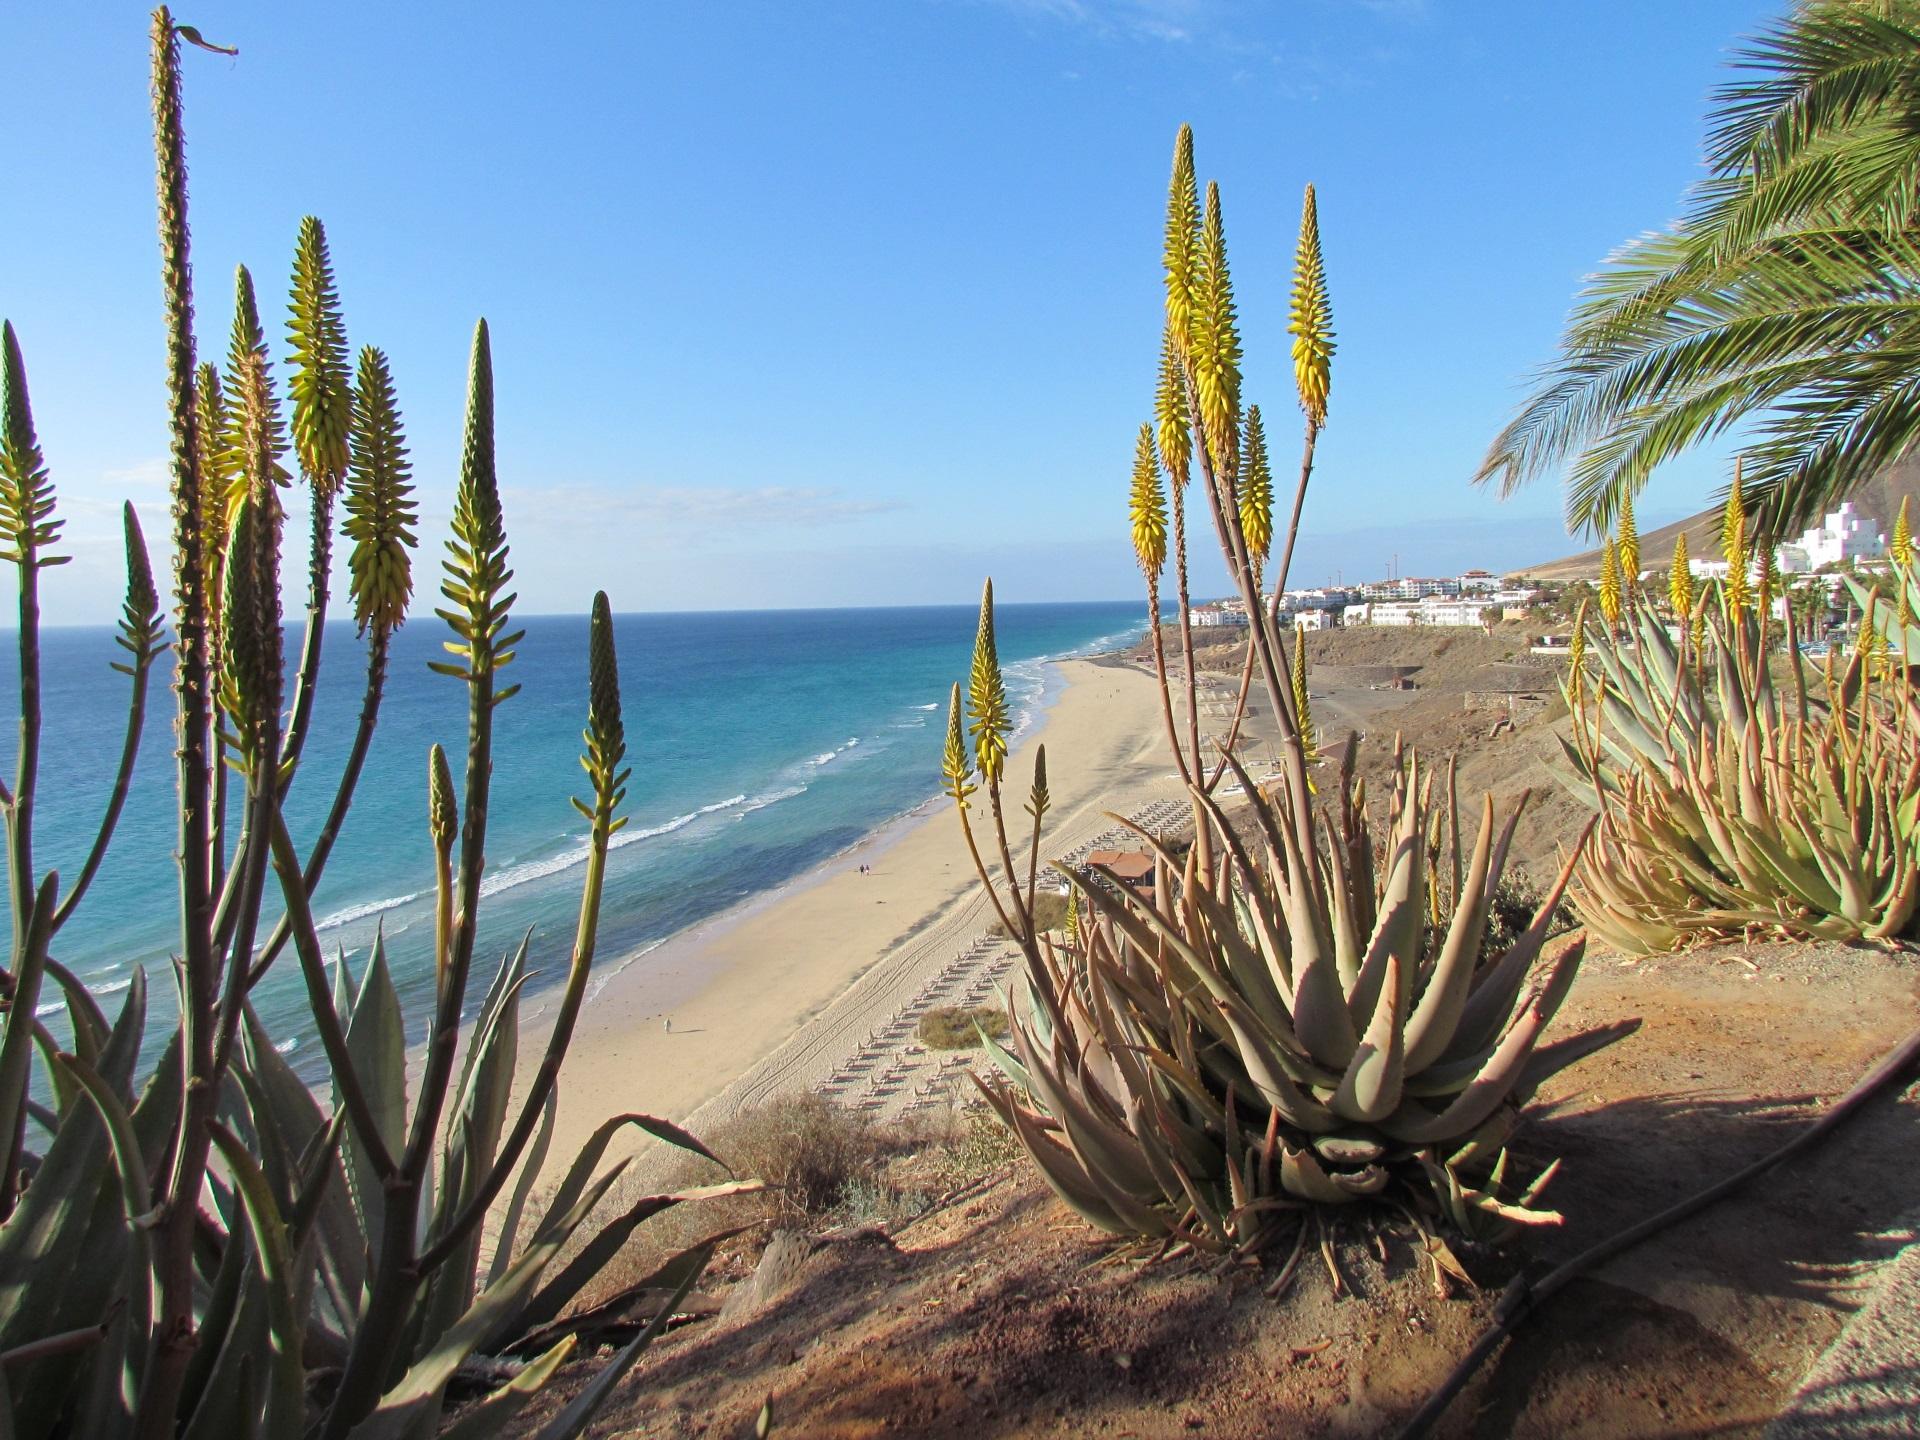 Alleine nach Fuerteventura. Wir haben die passenden Angebote.